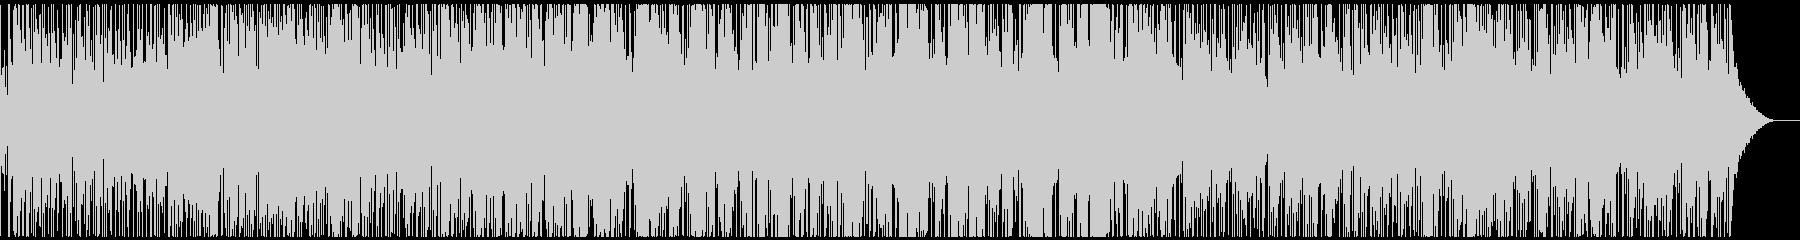 生音・生演奏サックスの軽快スムースジャズの未再生の波形